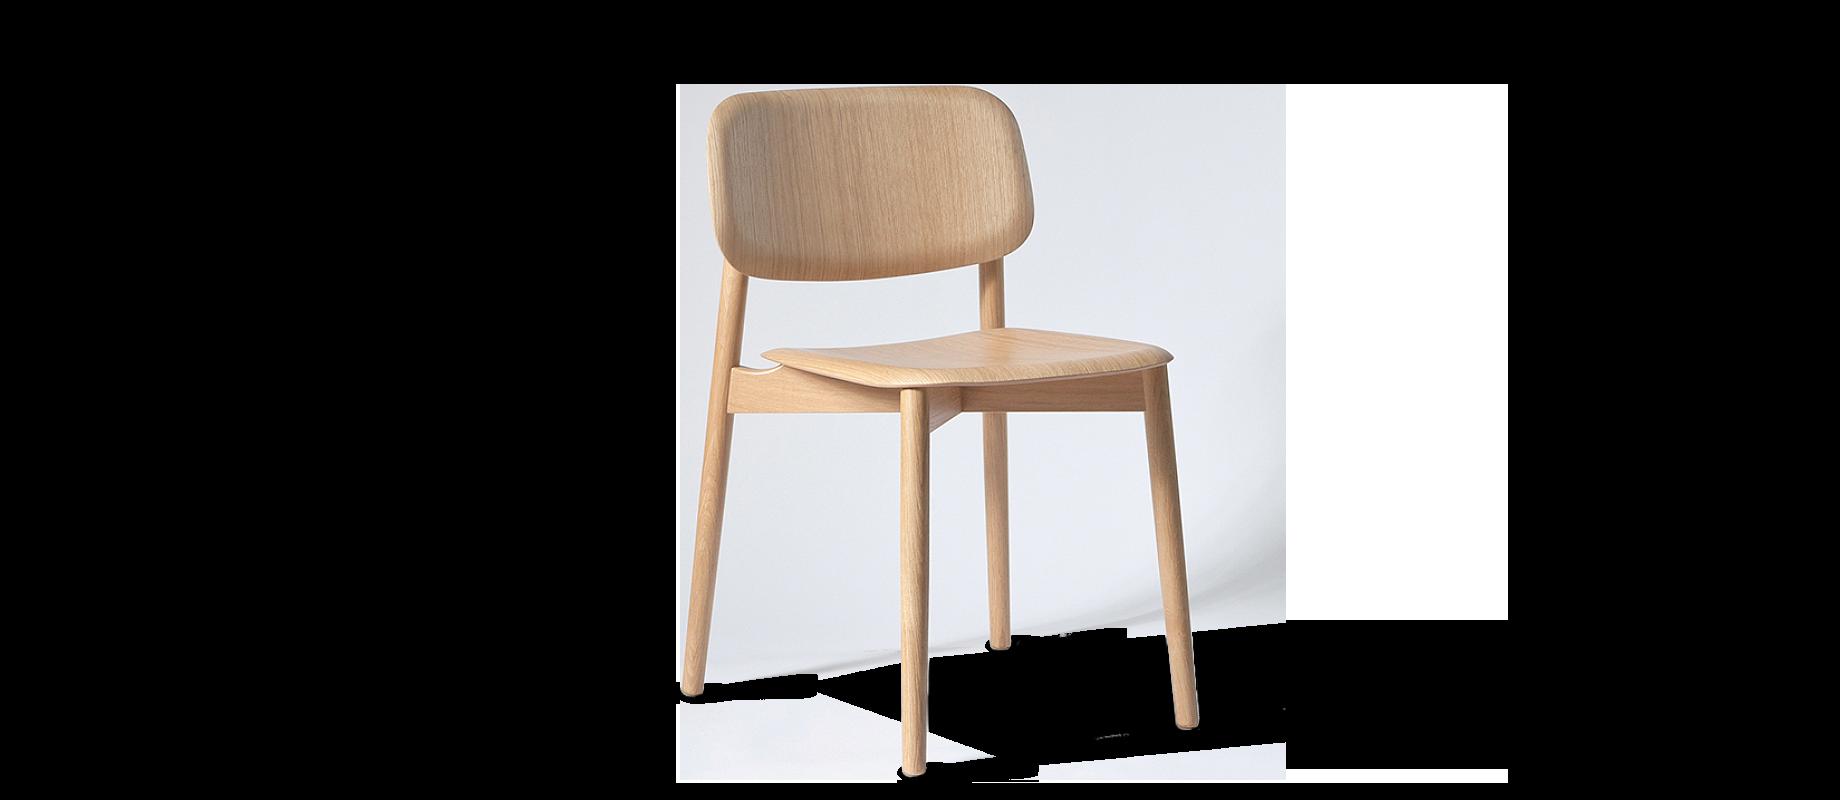 hay stol Soft Edge 12 Chair Stol från HAY | Olsson & Gerthel hay stol